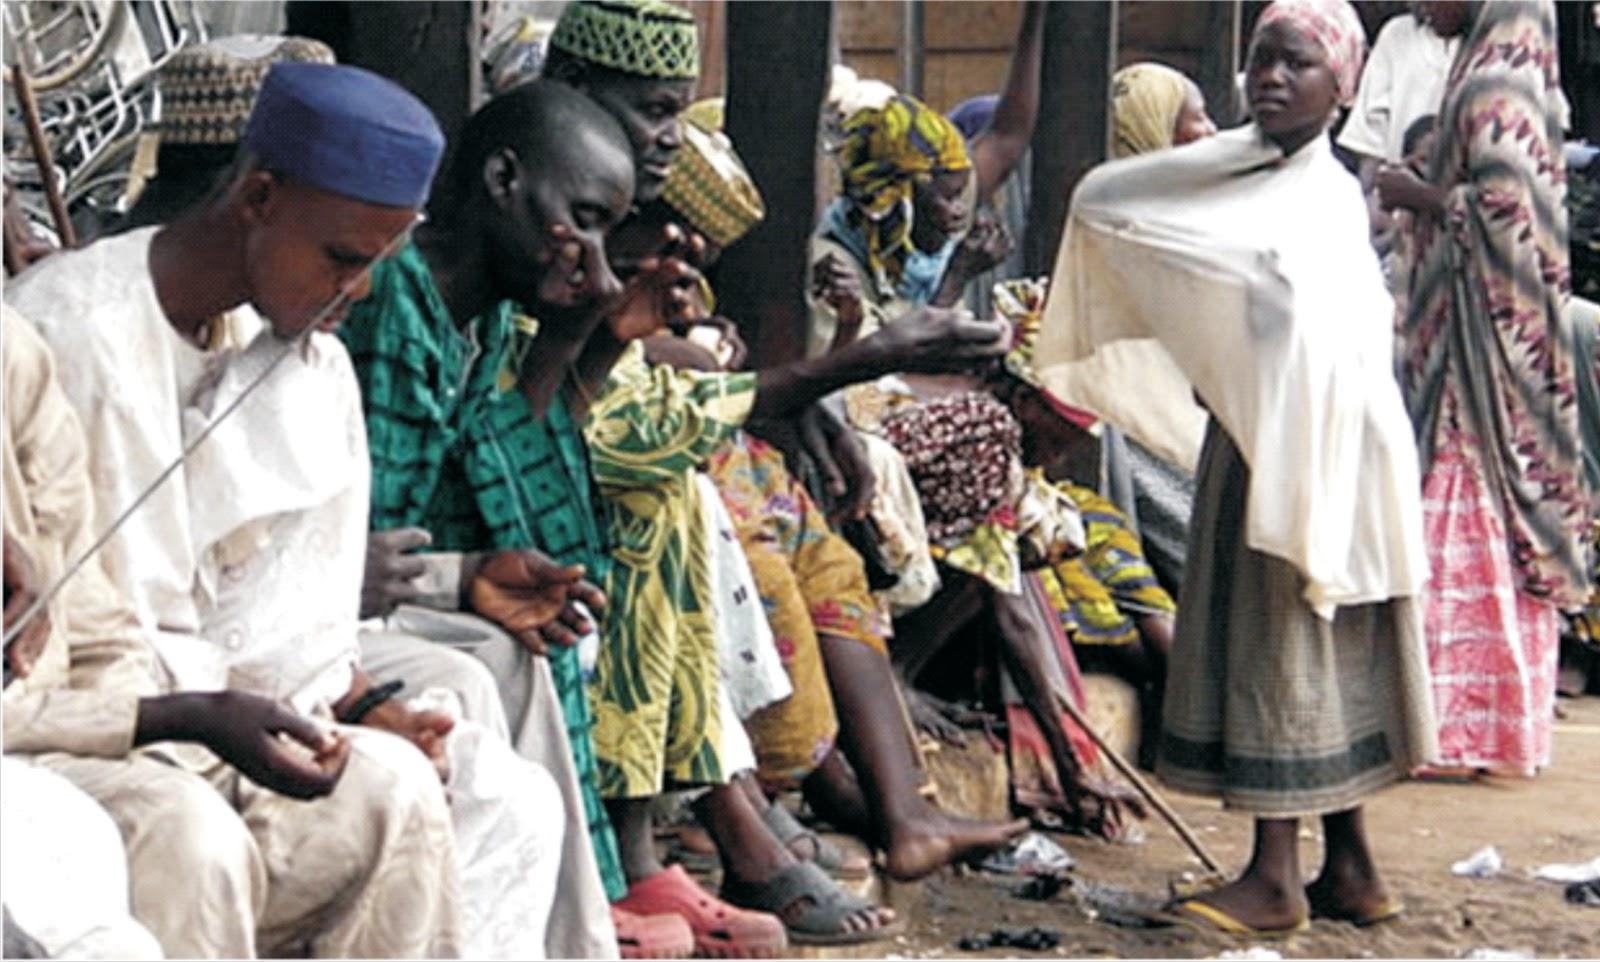 Nigerian beggars